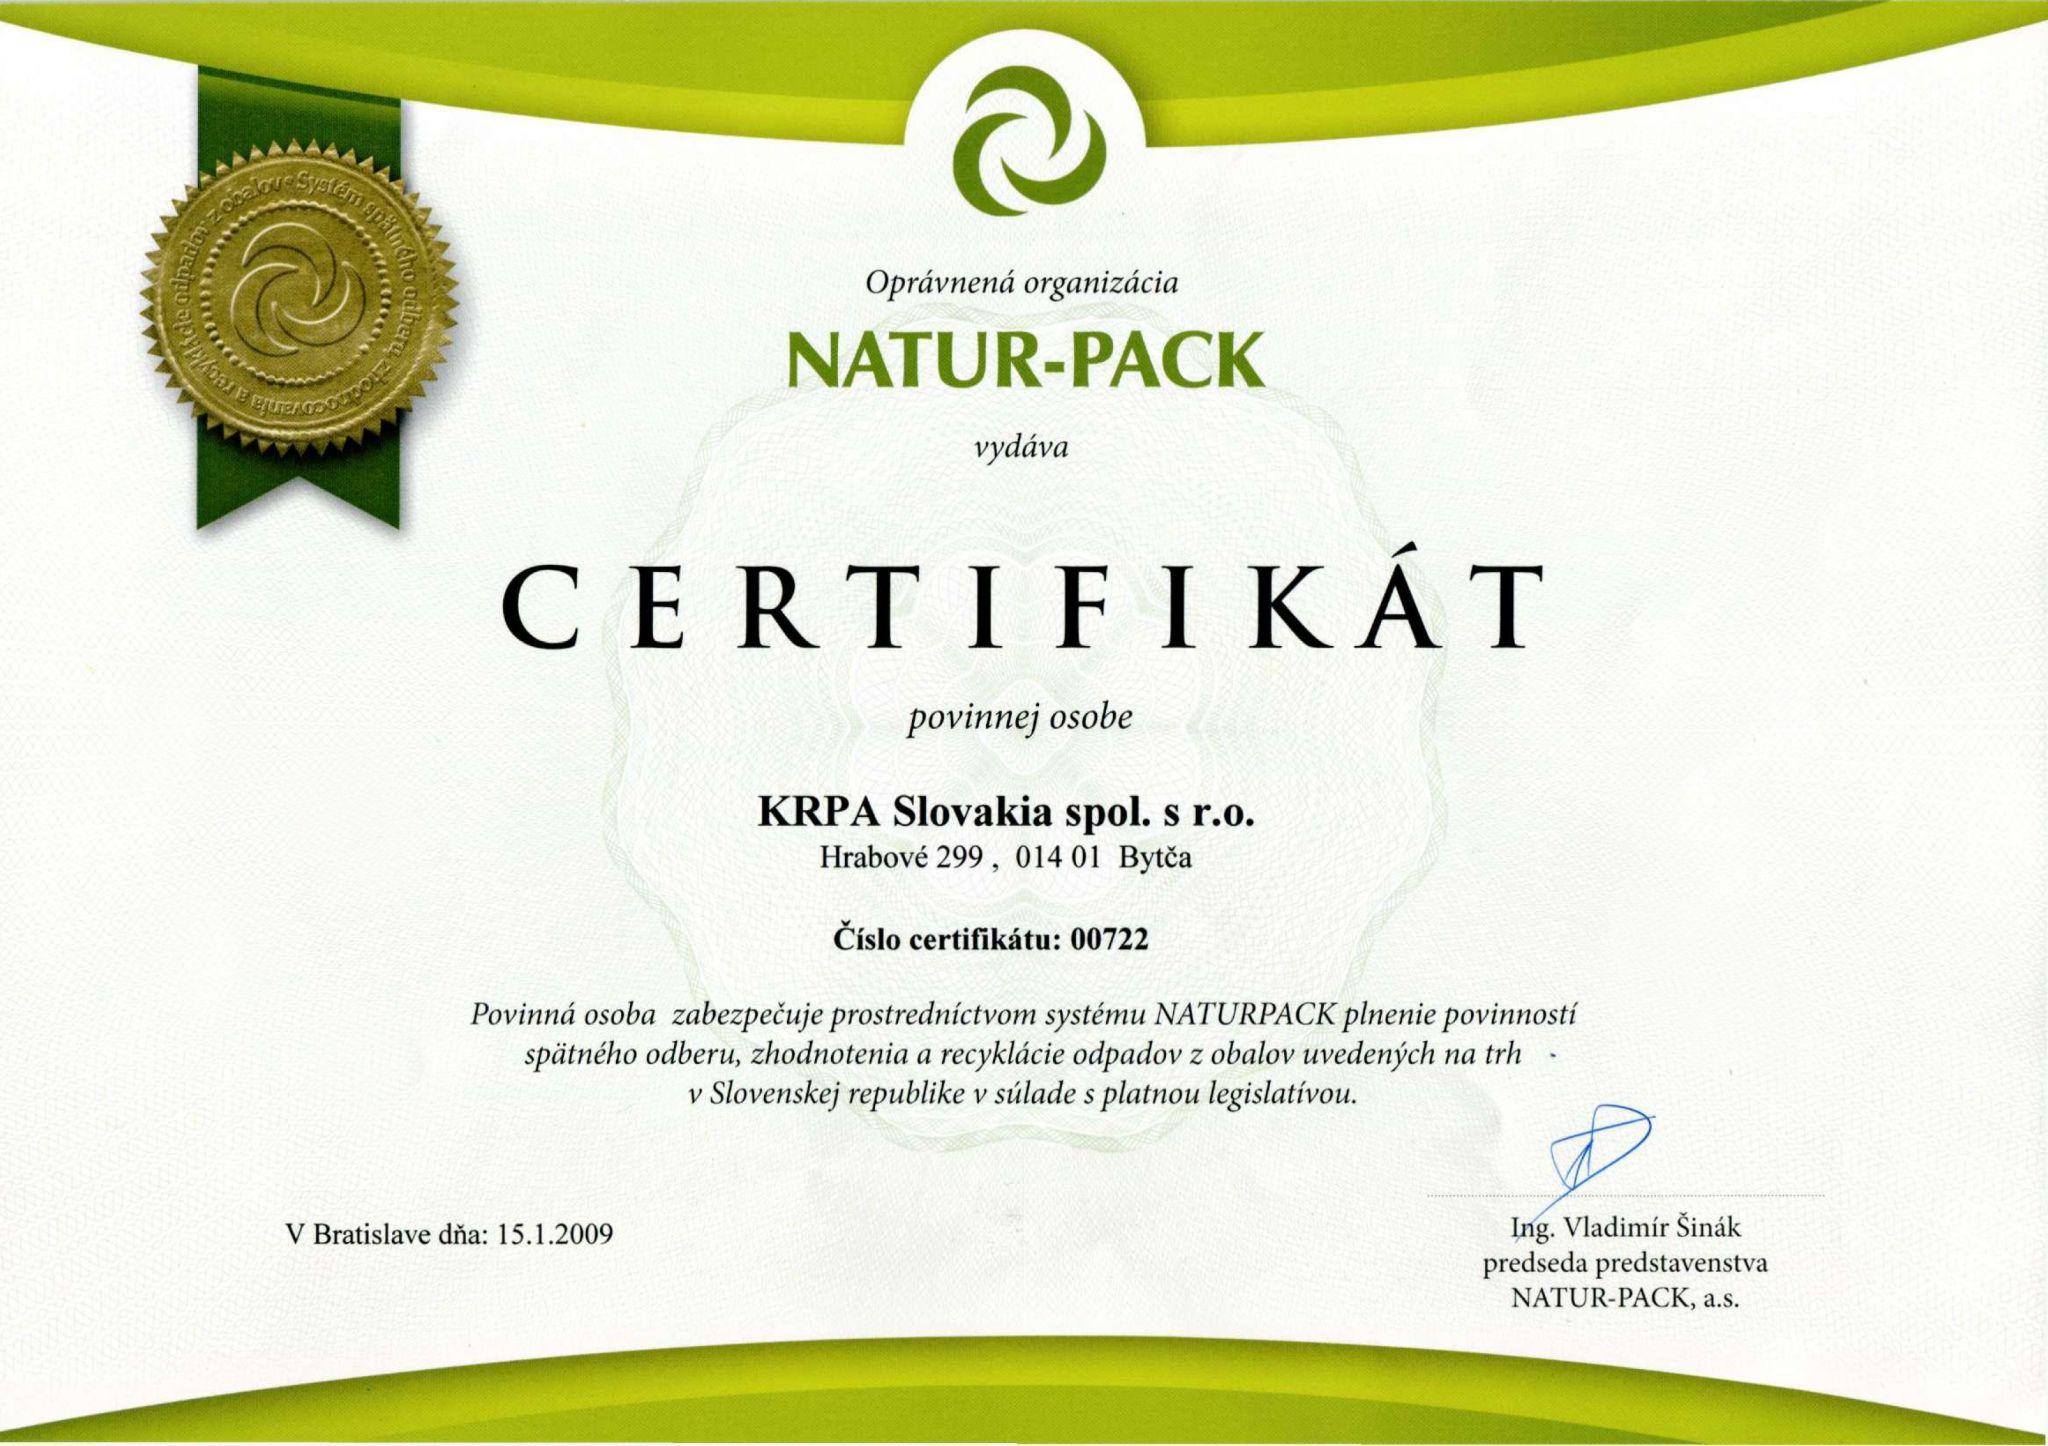 natru - pack